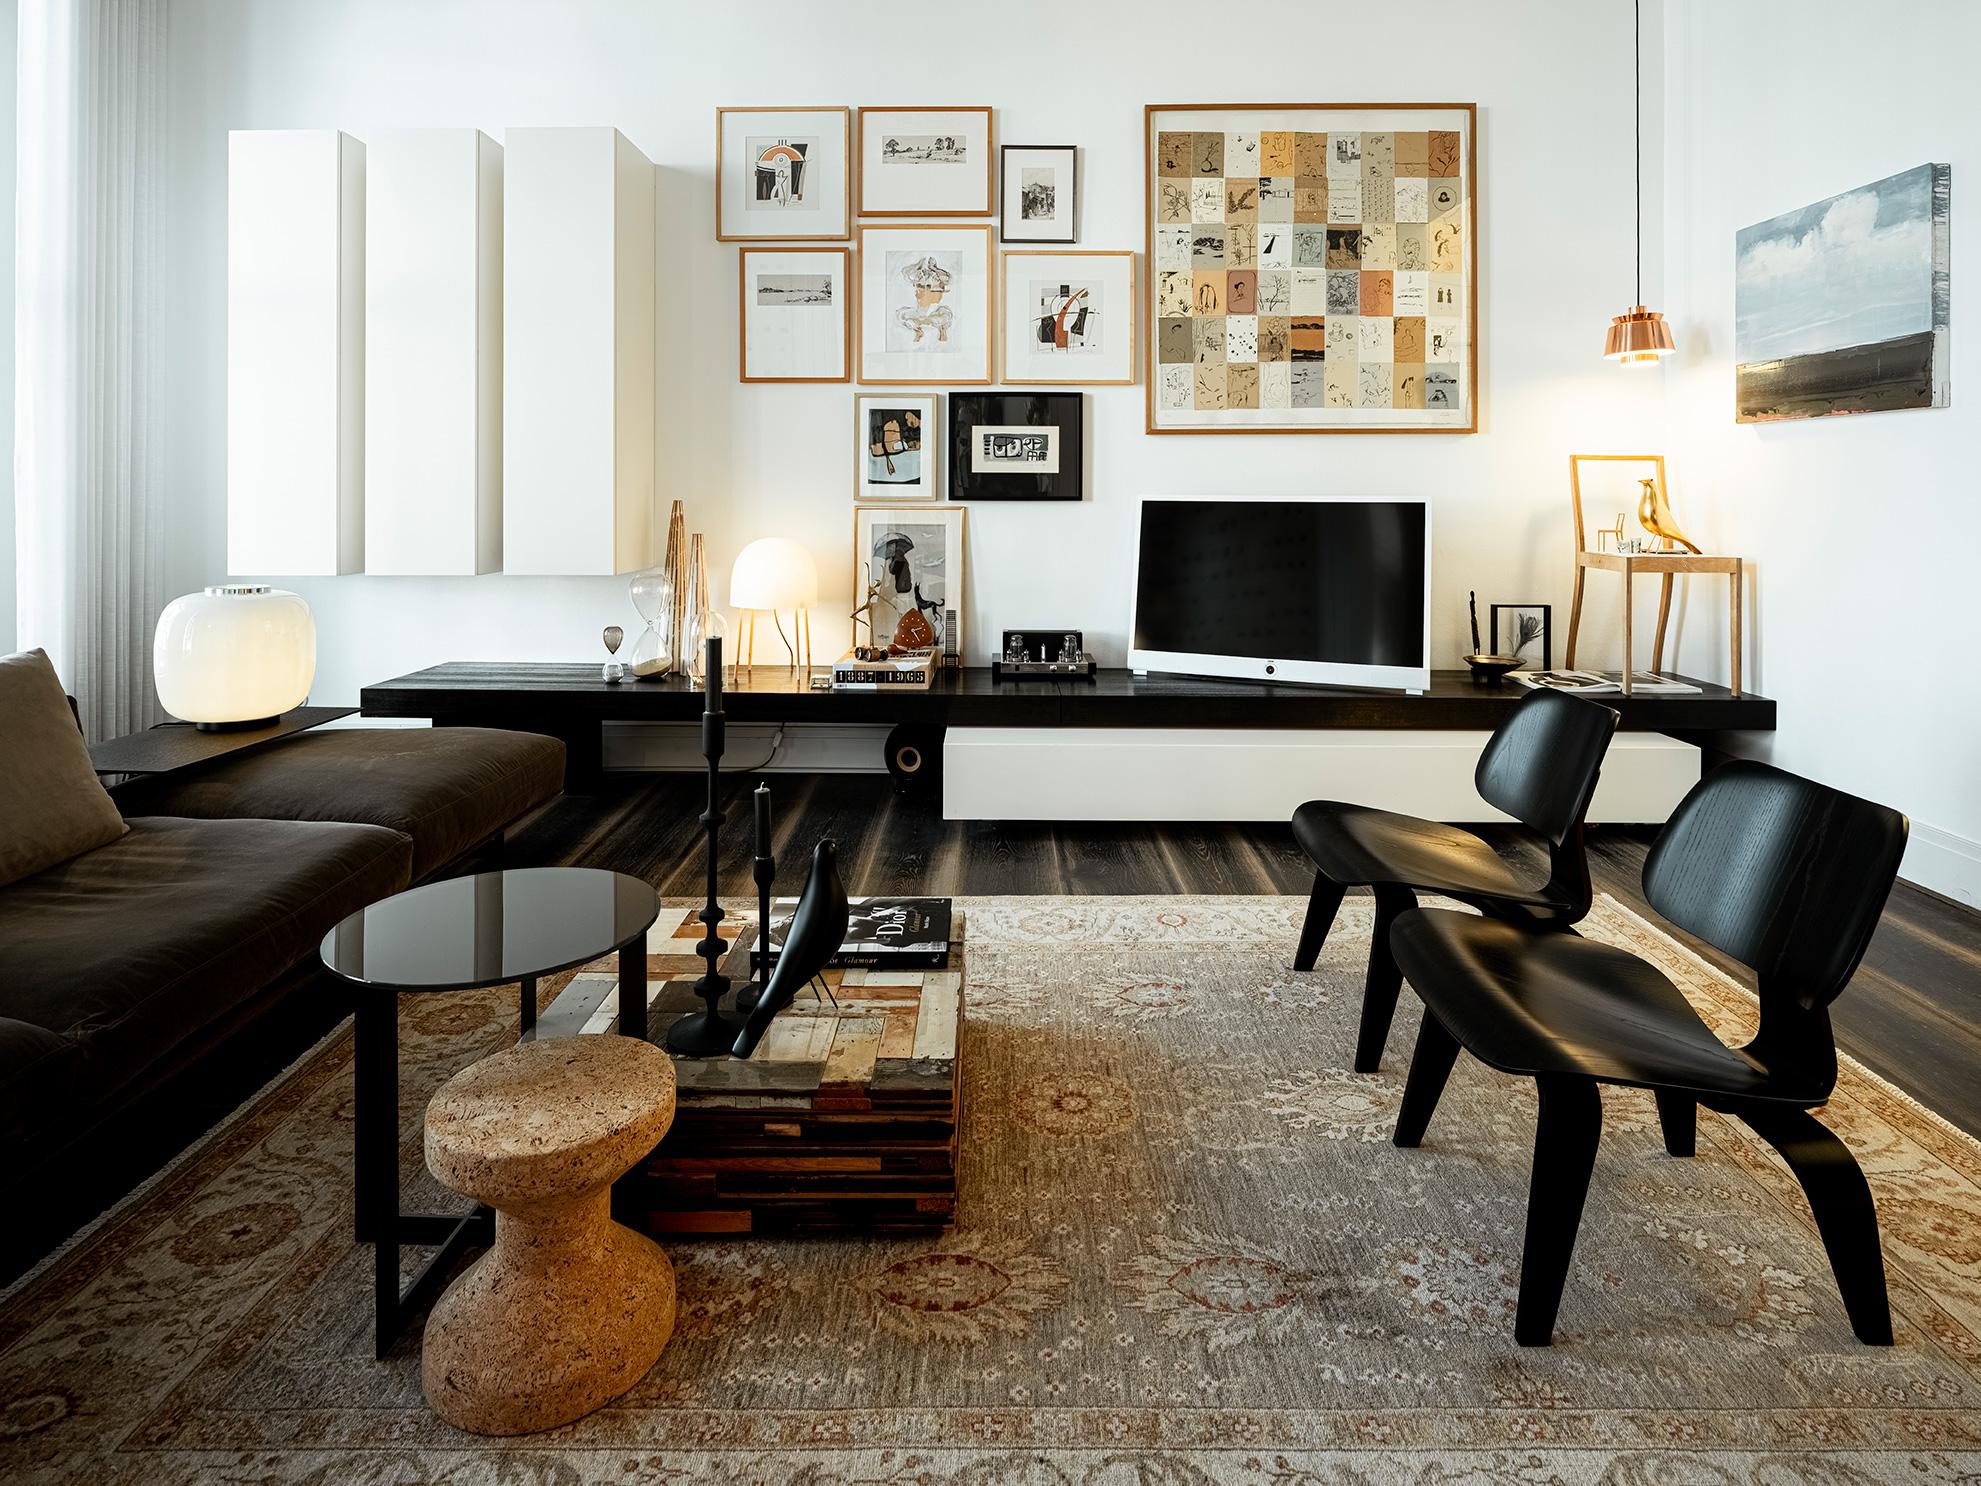 Showroom Met Design Meubelen Studio Van T Woutstudio Van T Wout